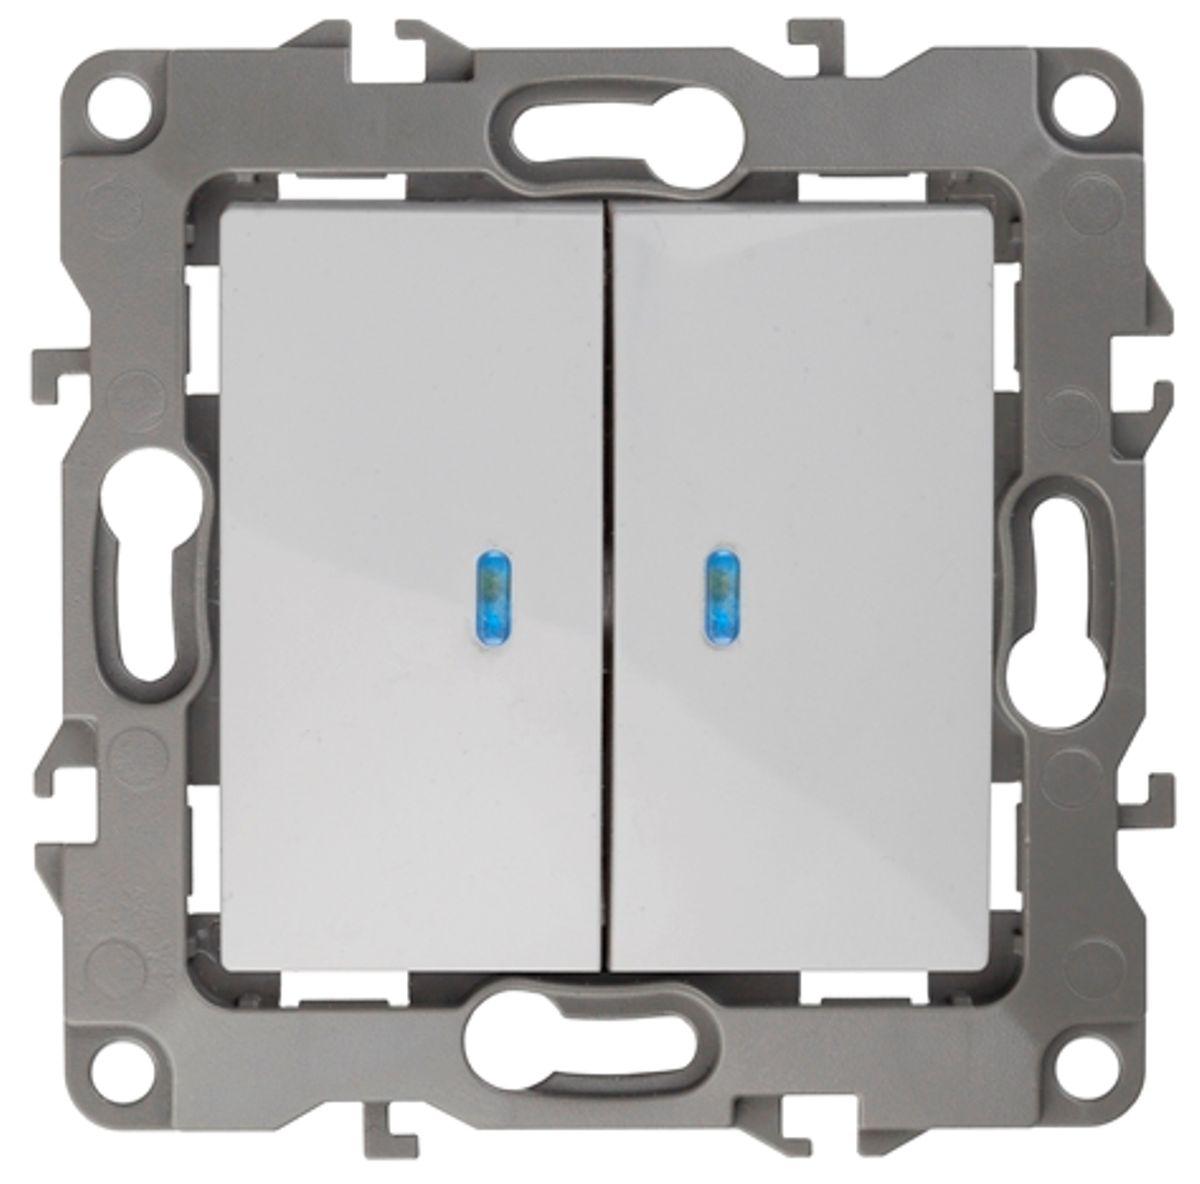 """Выключатель """"ЭРА"""", двойной, с подсветкой, цвет: белый, серый. 12-1105 12-1105-01"""